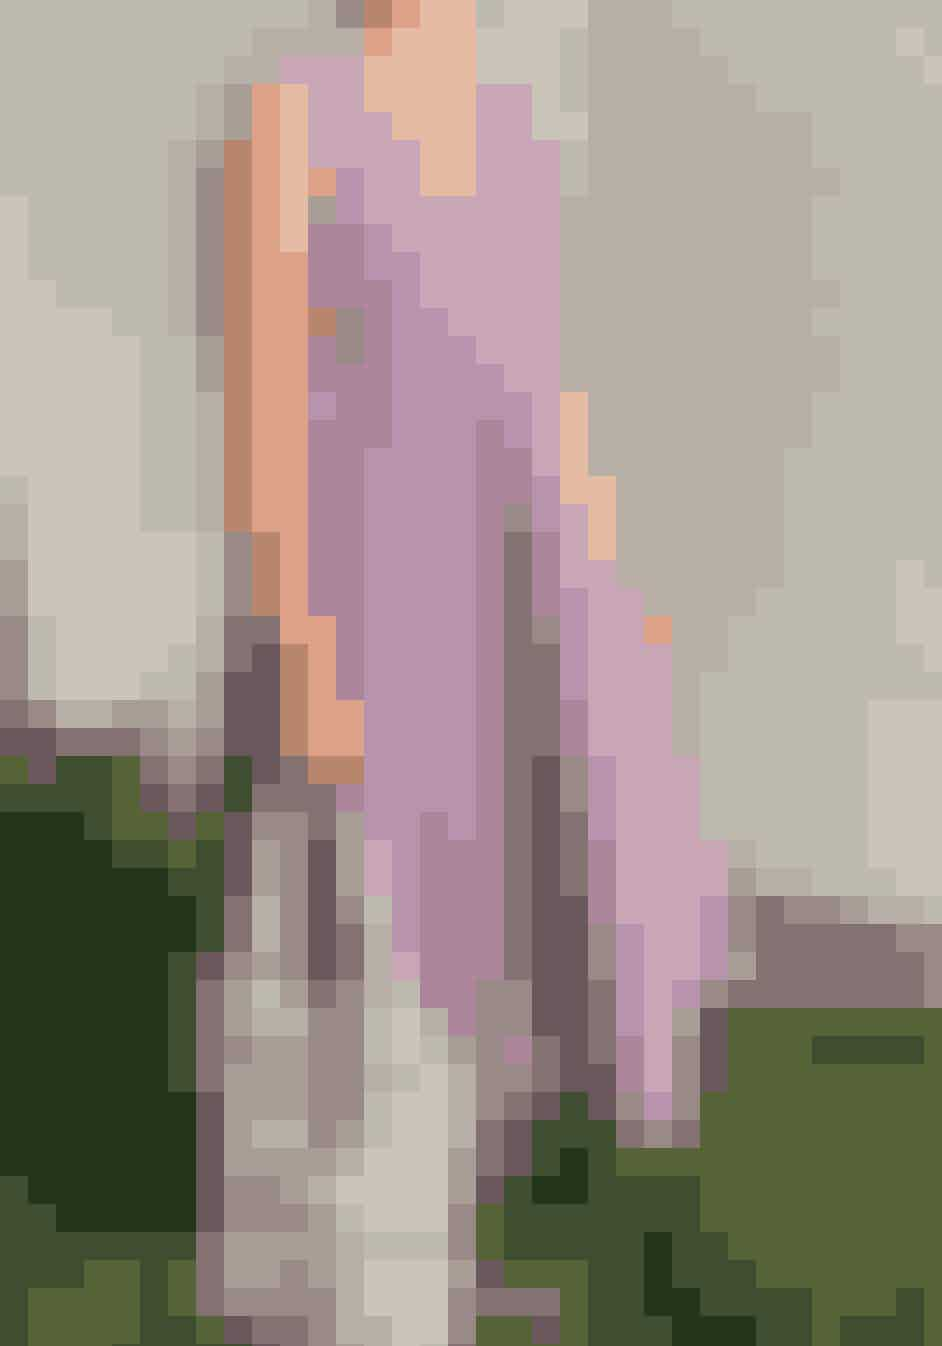 @mariamollerdkMaria Møller er en ung kreativ pige, som har hænderne helt rigtig skruet på. Og heldigvis, deler Maria kvit og frit ud af sin kreative verden med både guides og mønstre til Ganni-lignende-kjoler, blomsterrank-øreringe af perler samt upcycling af eksempelvis et Ganni-badeskørt og meget mere. Hendes guides er meget begyndervenlige, hun deler både videoguides på sin instastory og letforståelige illustrationer på sin hjemmeside - så kan alle følge med.